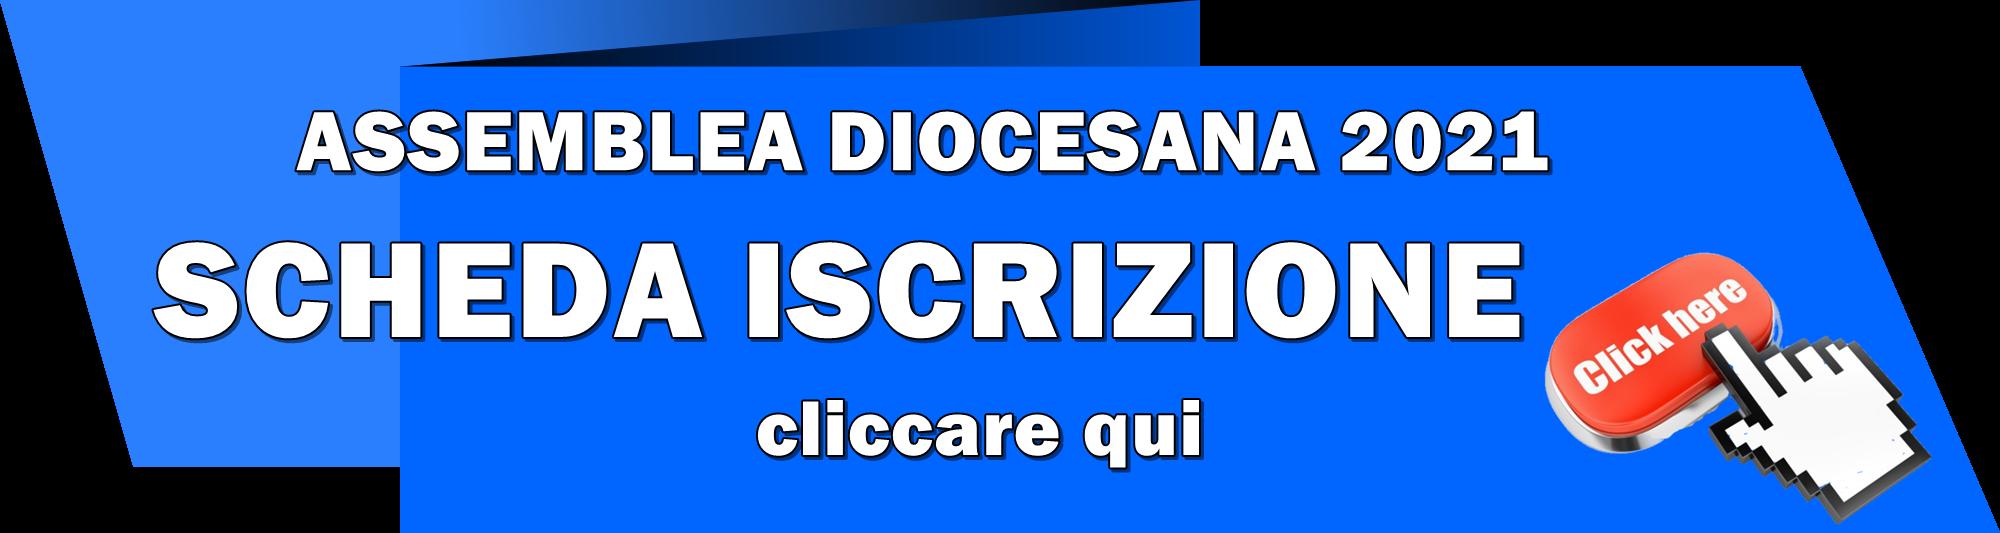 Banner iscrizione Assemblea diocesana 2021